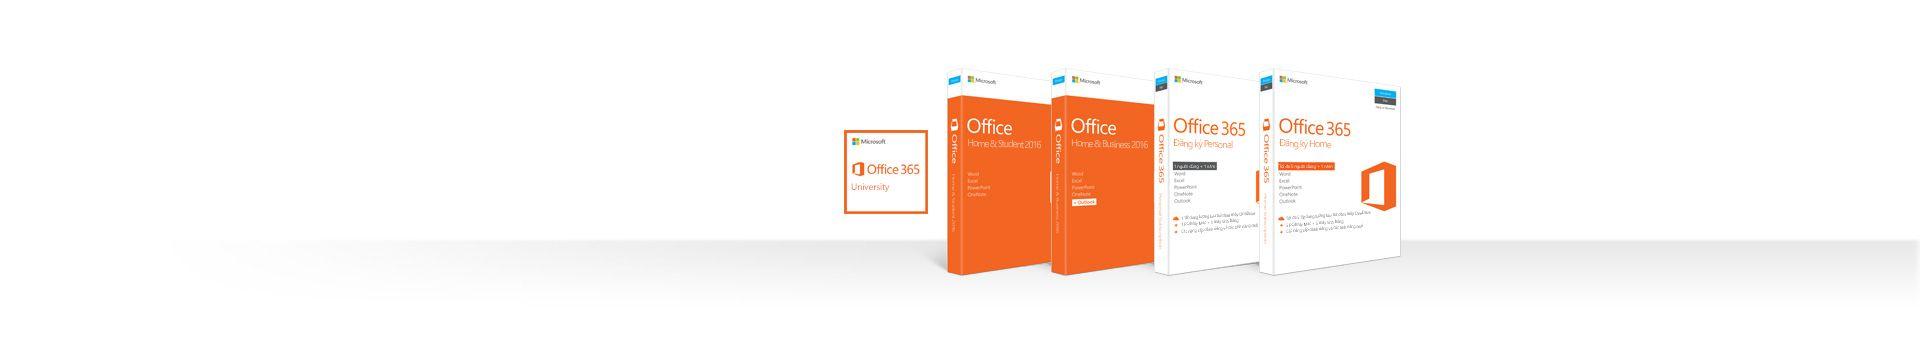 Một hàng hộp các sản phẩm Office 2016 và Office 365 dành cho máy Mac